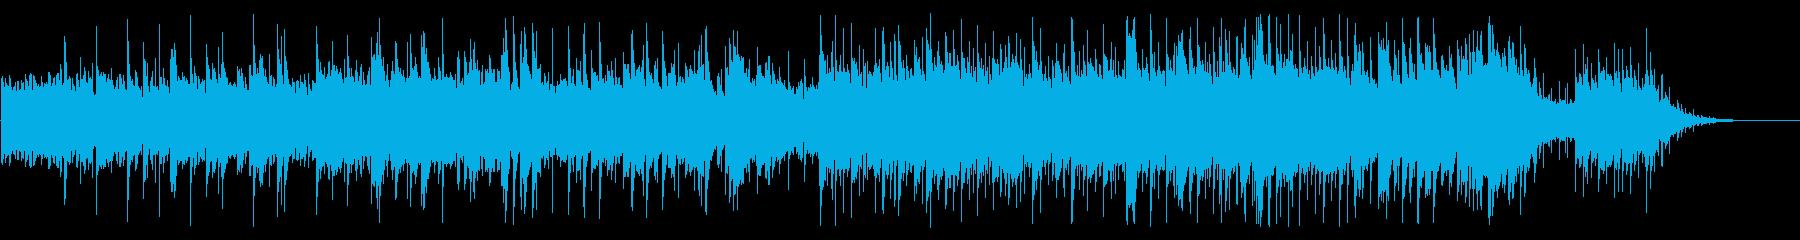 ピアノのアルペジオの穏やかな曲の再生済みの波形